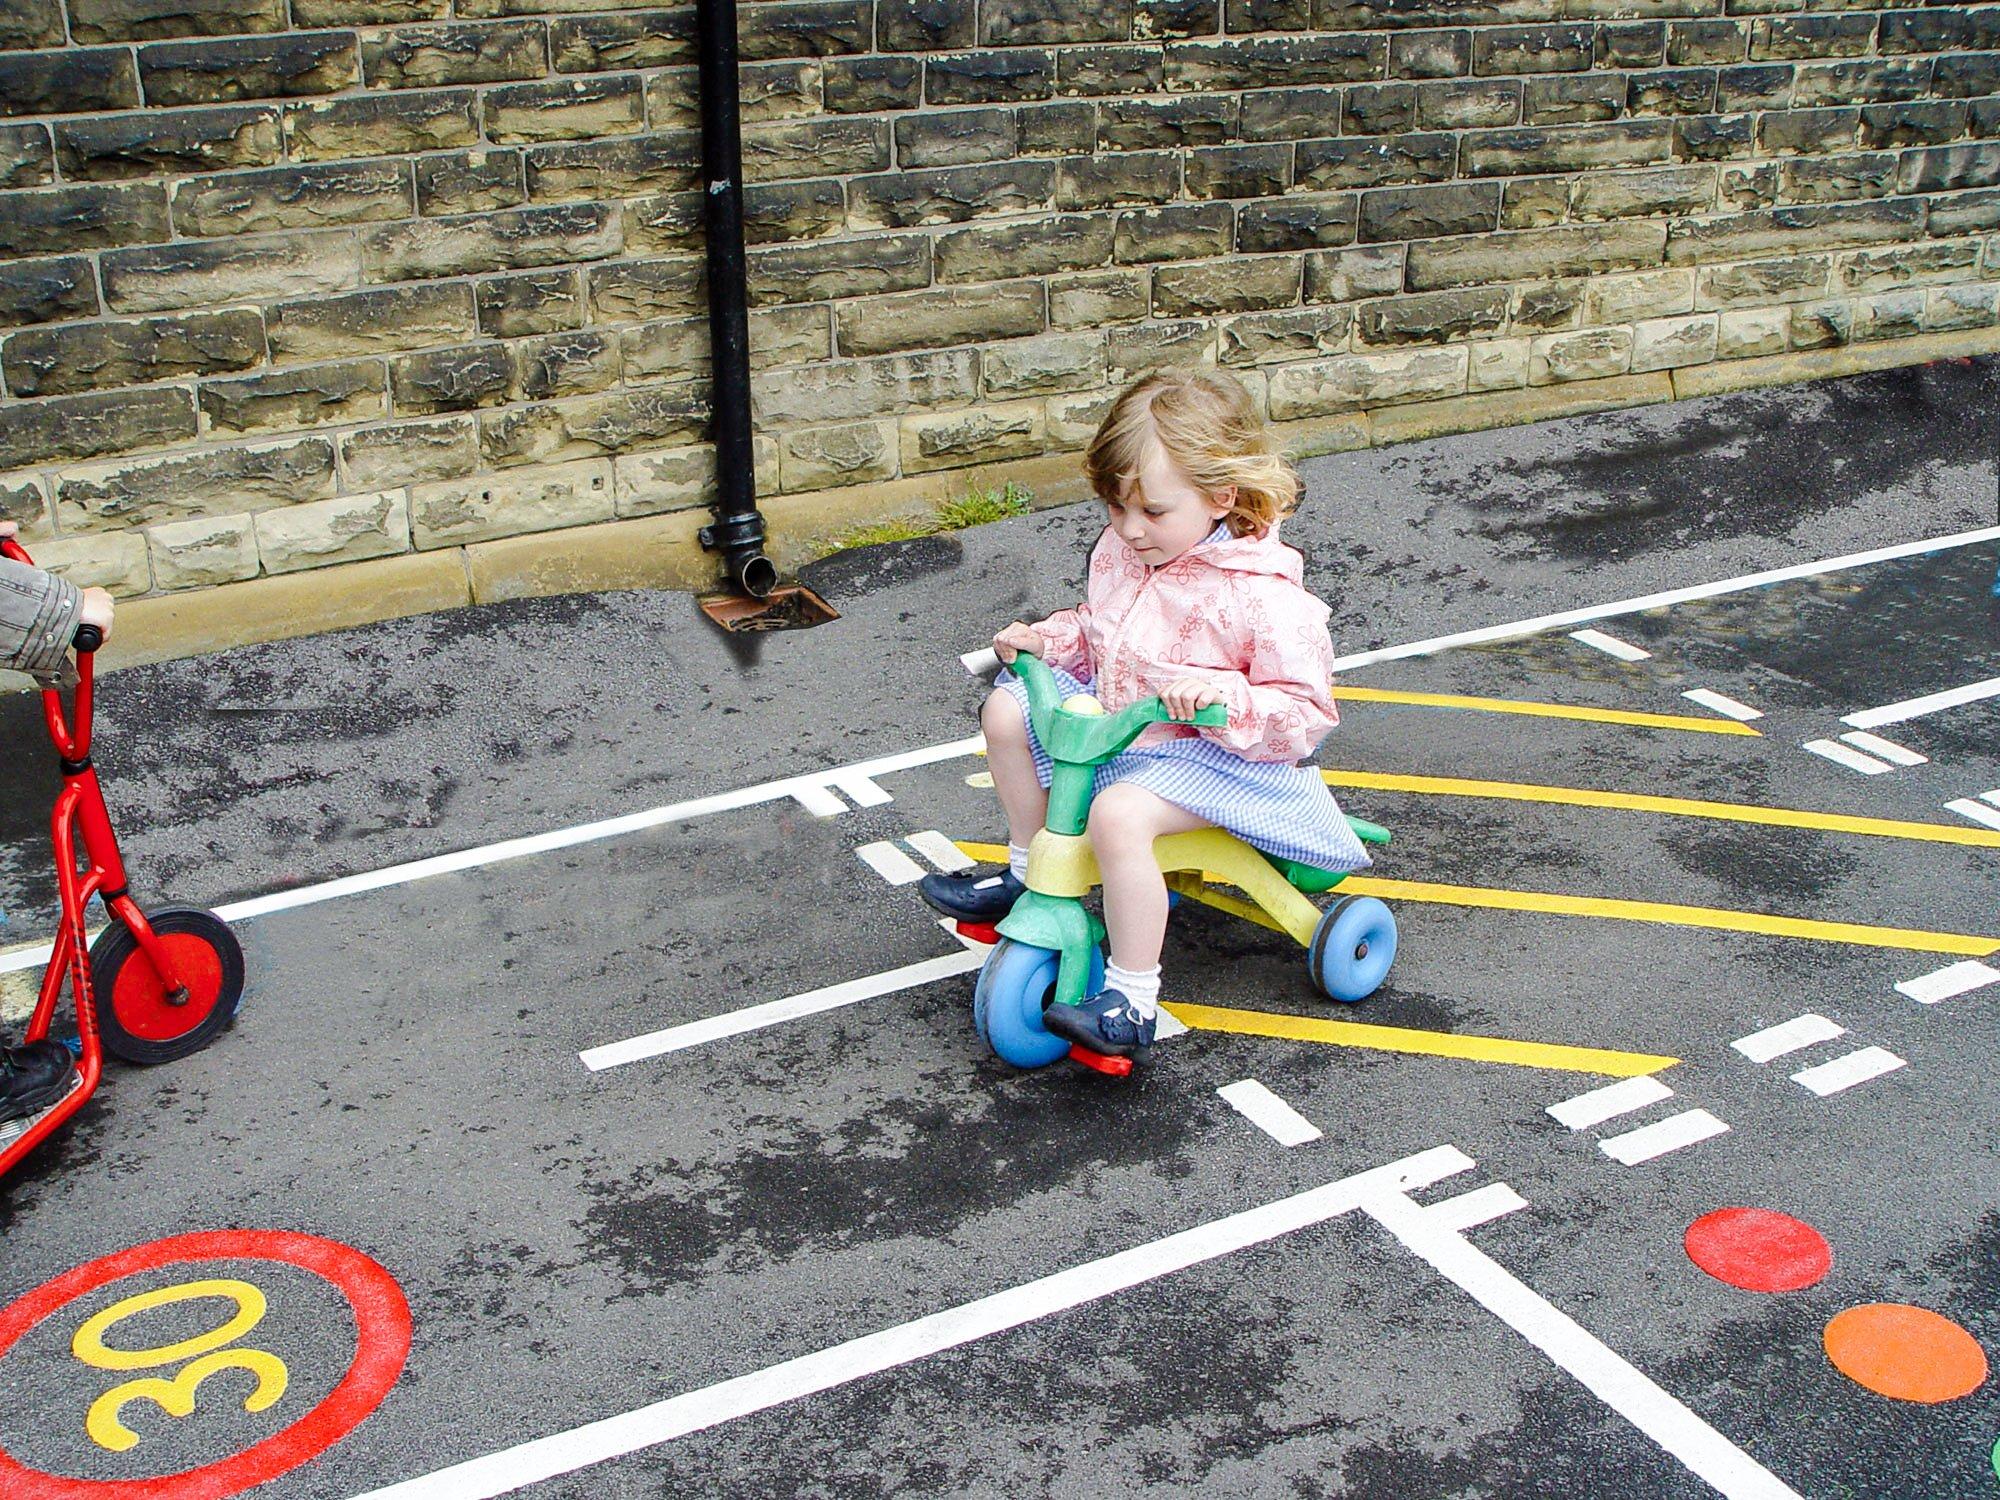 eyfs-playground-markings-roadway - ESP - School Playground ...